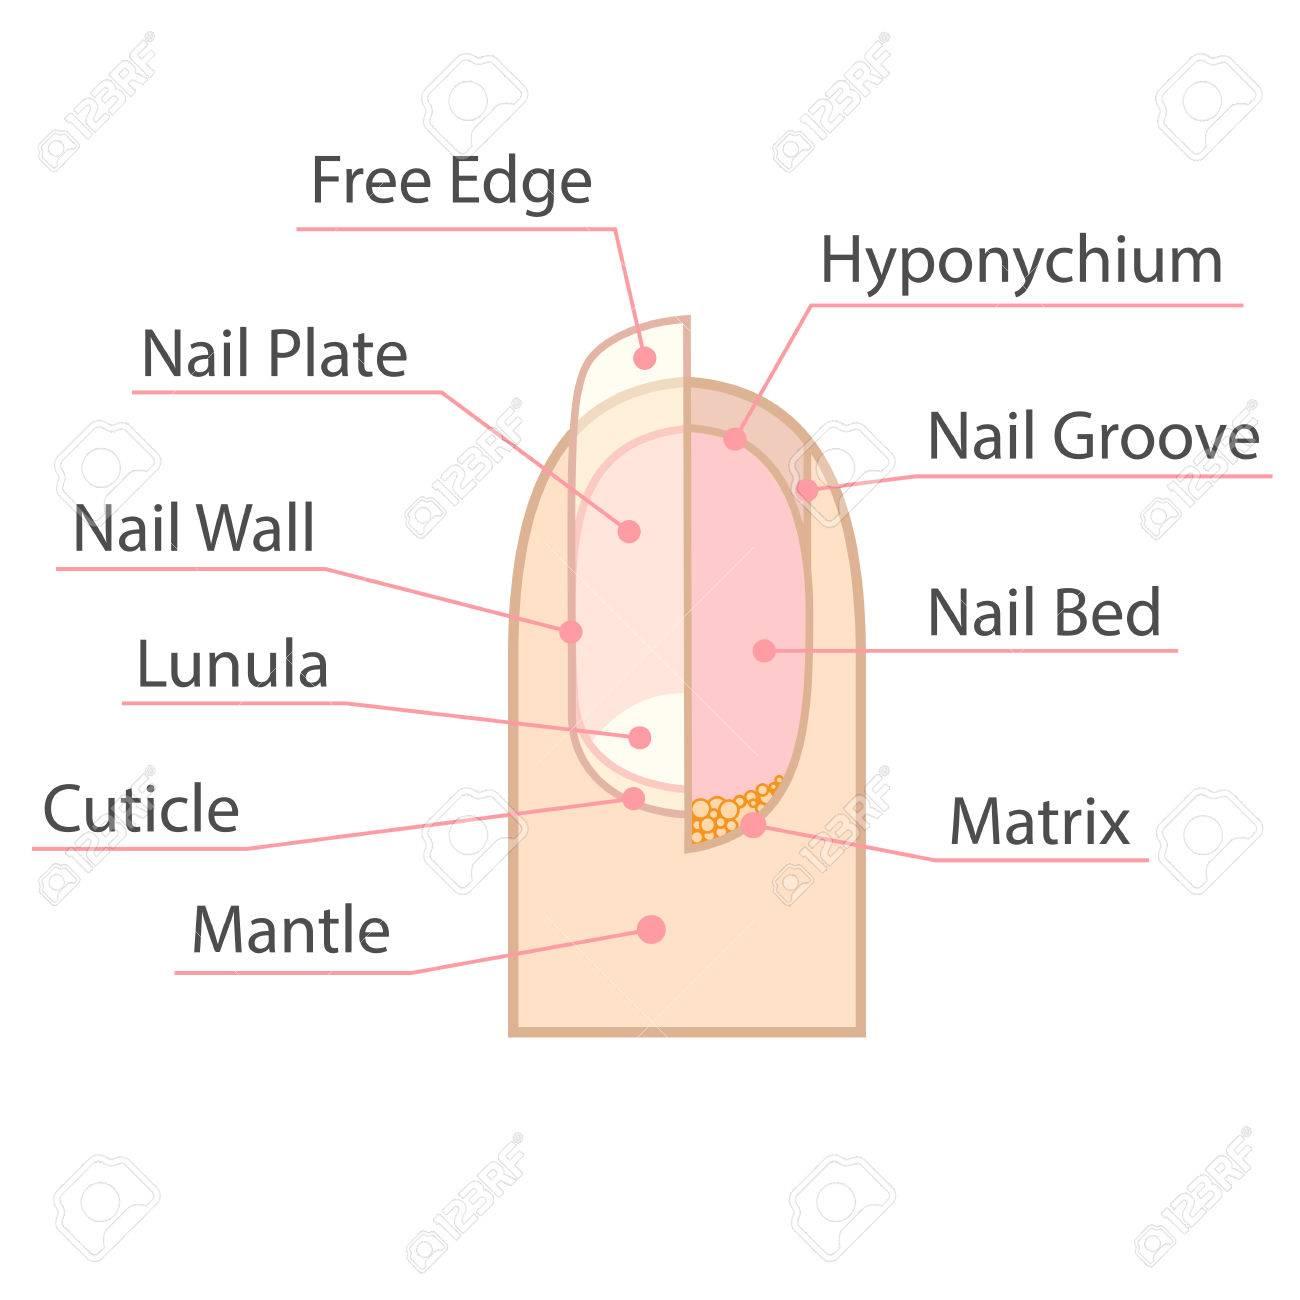 Struktur Und Anatomie Des Menschlichen Nagels. Farbe Medizinisches ...